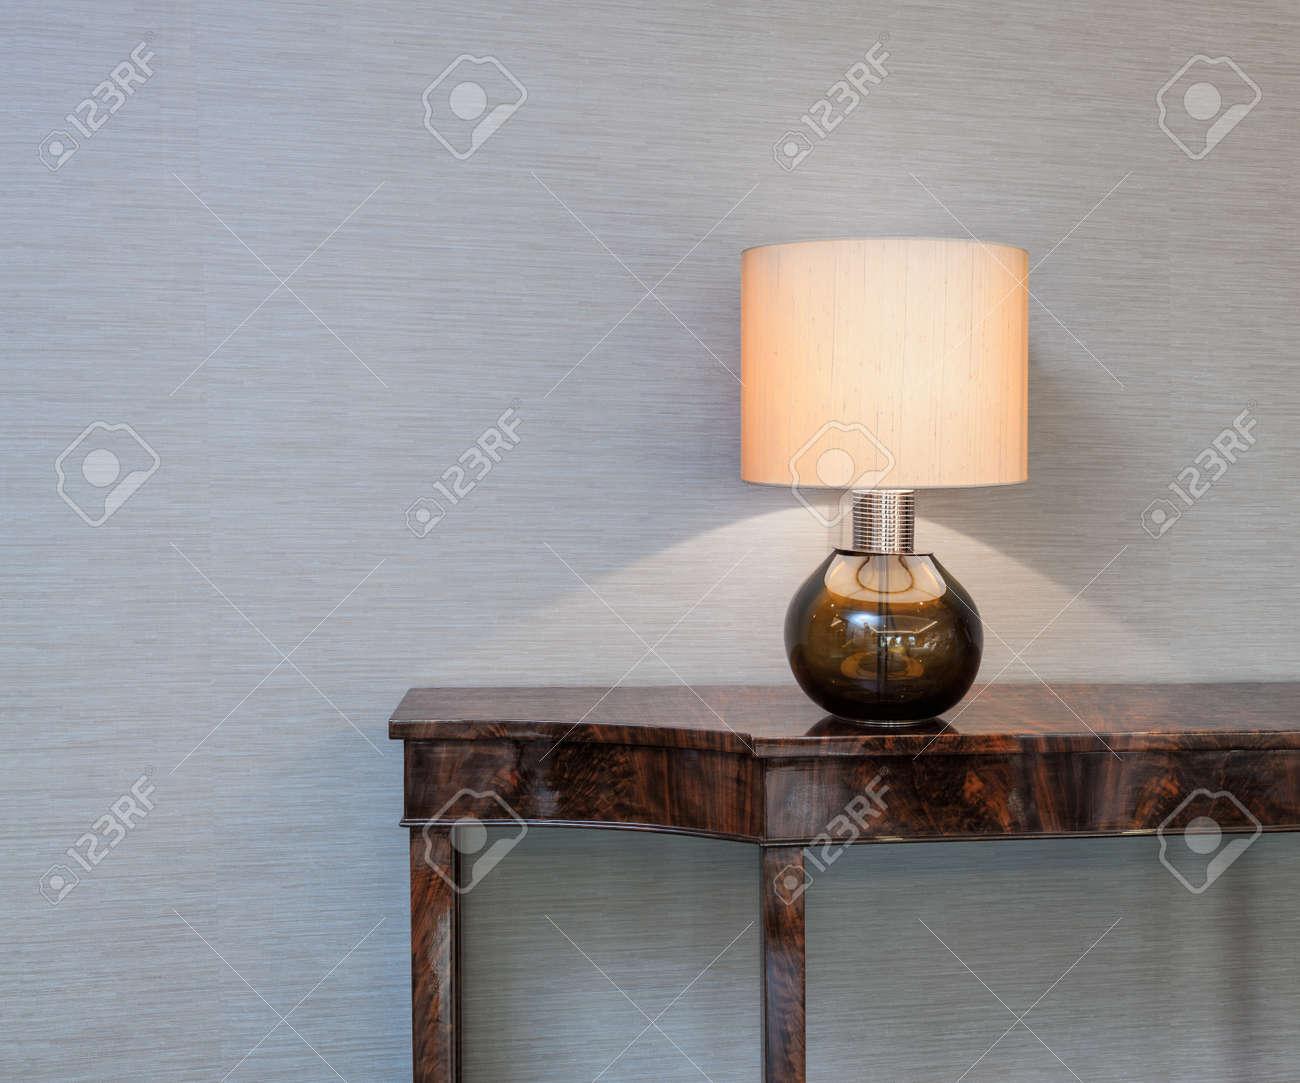 de de frente pared lámpara una con mesa en Aparador gris m8w0nvNO